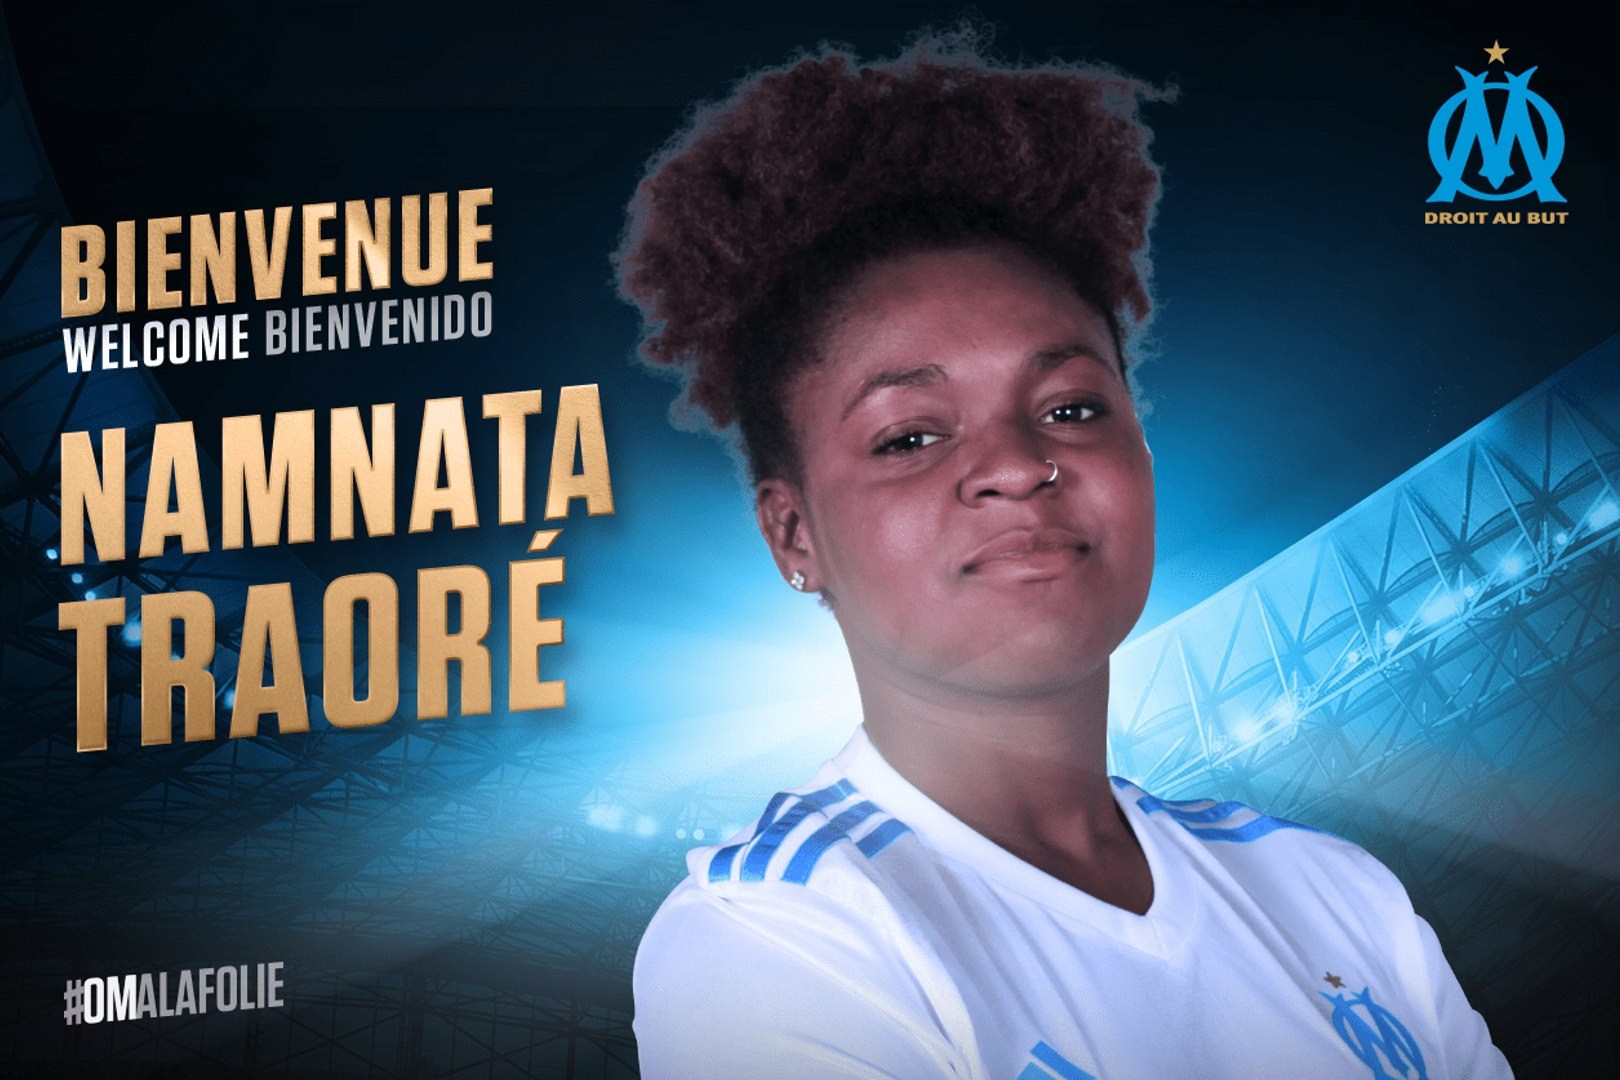 Namnata Traoré, première recrue